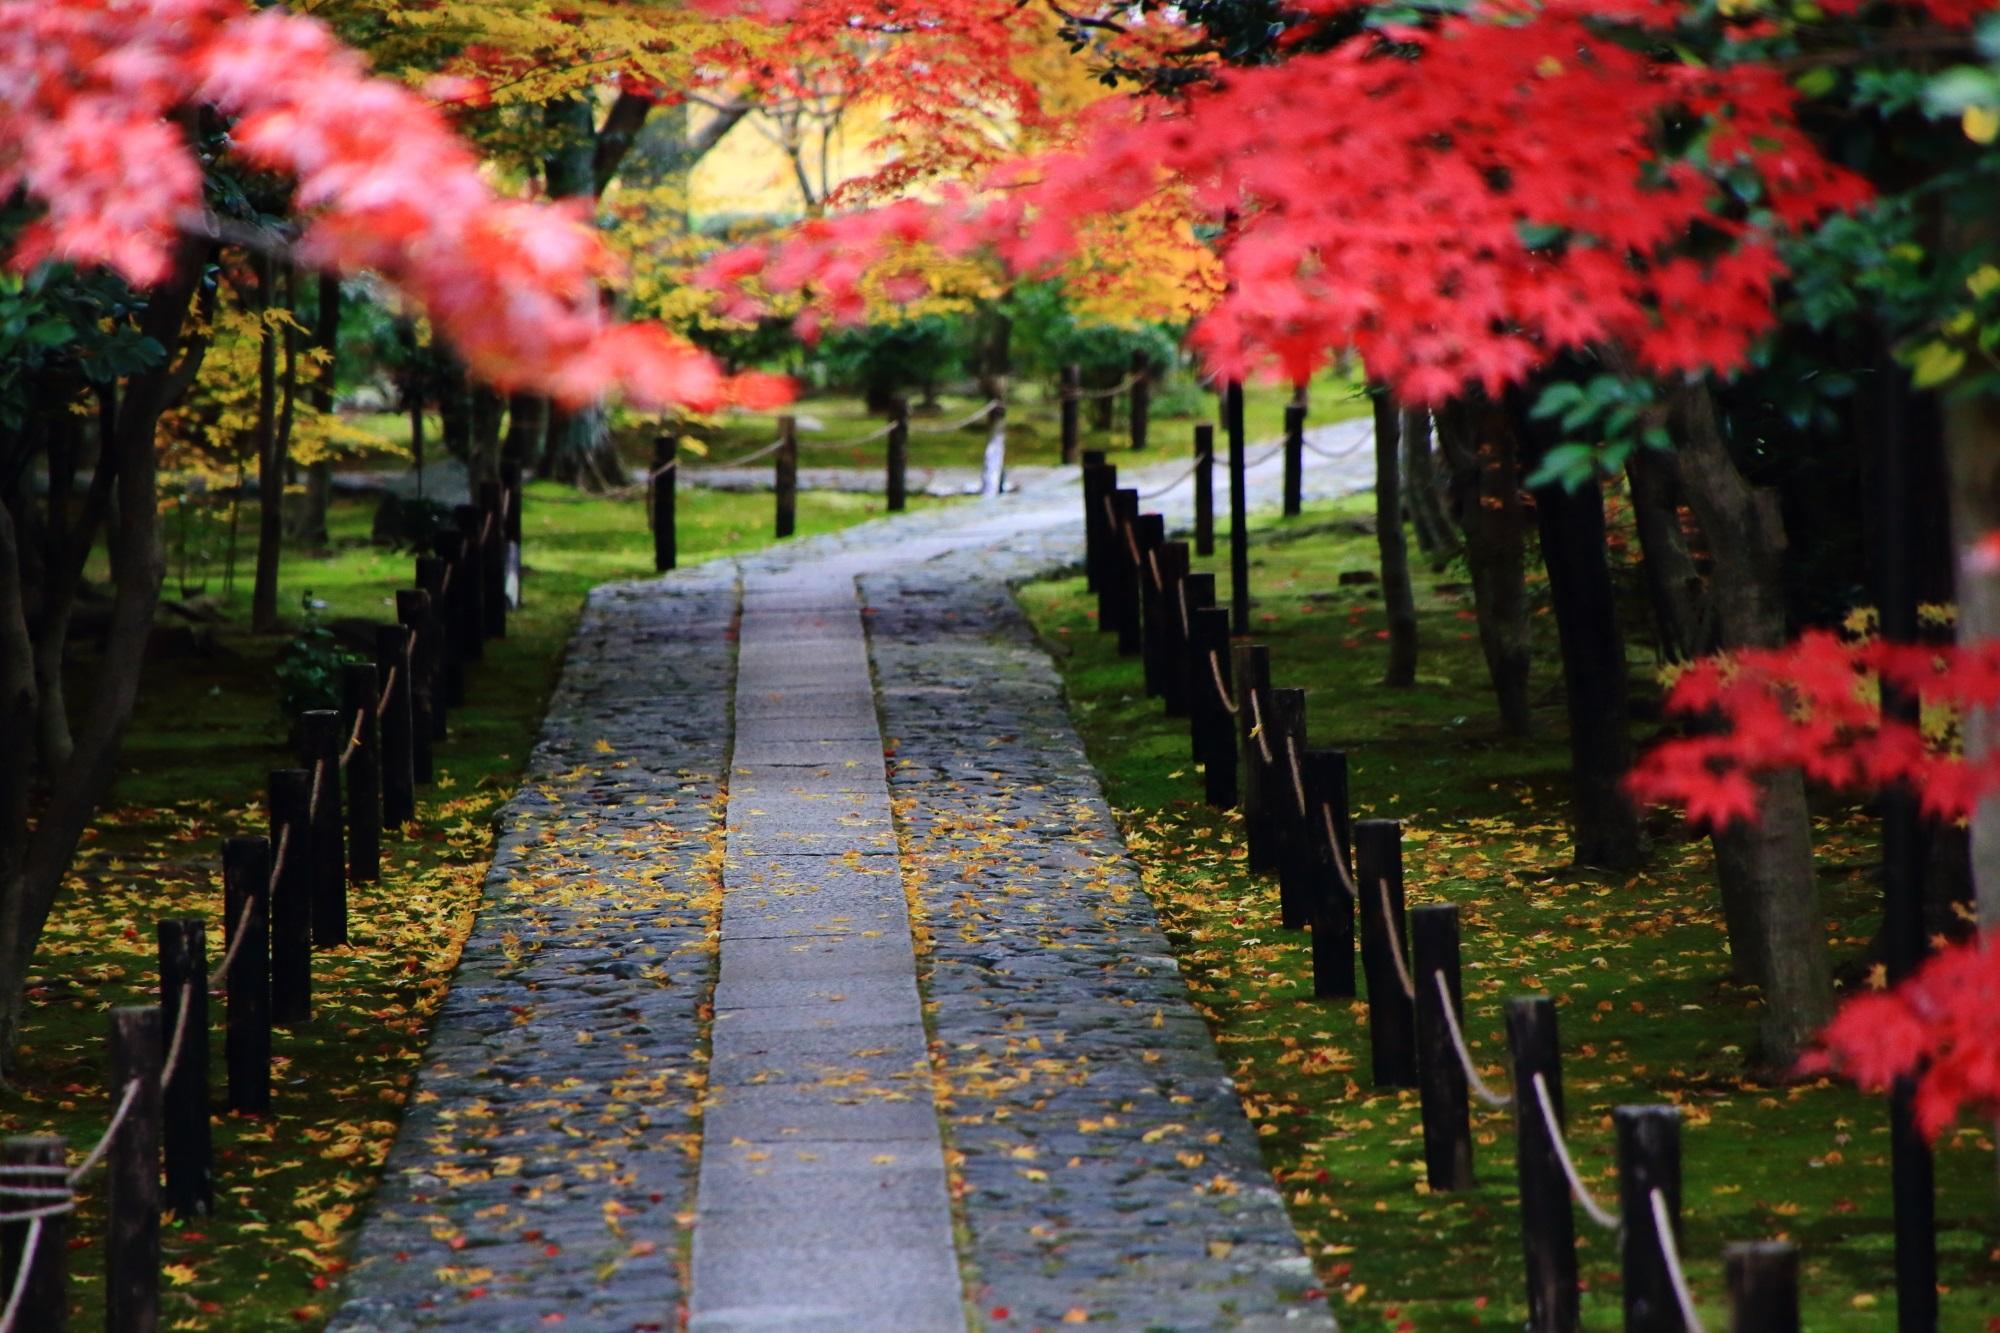 嵐山の紅葉の穴場の鹿王院の優雅な散りもみじ